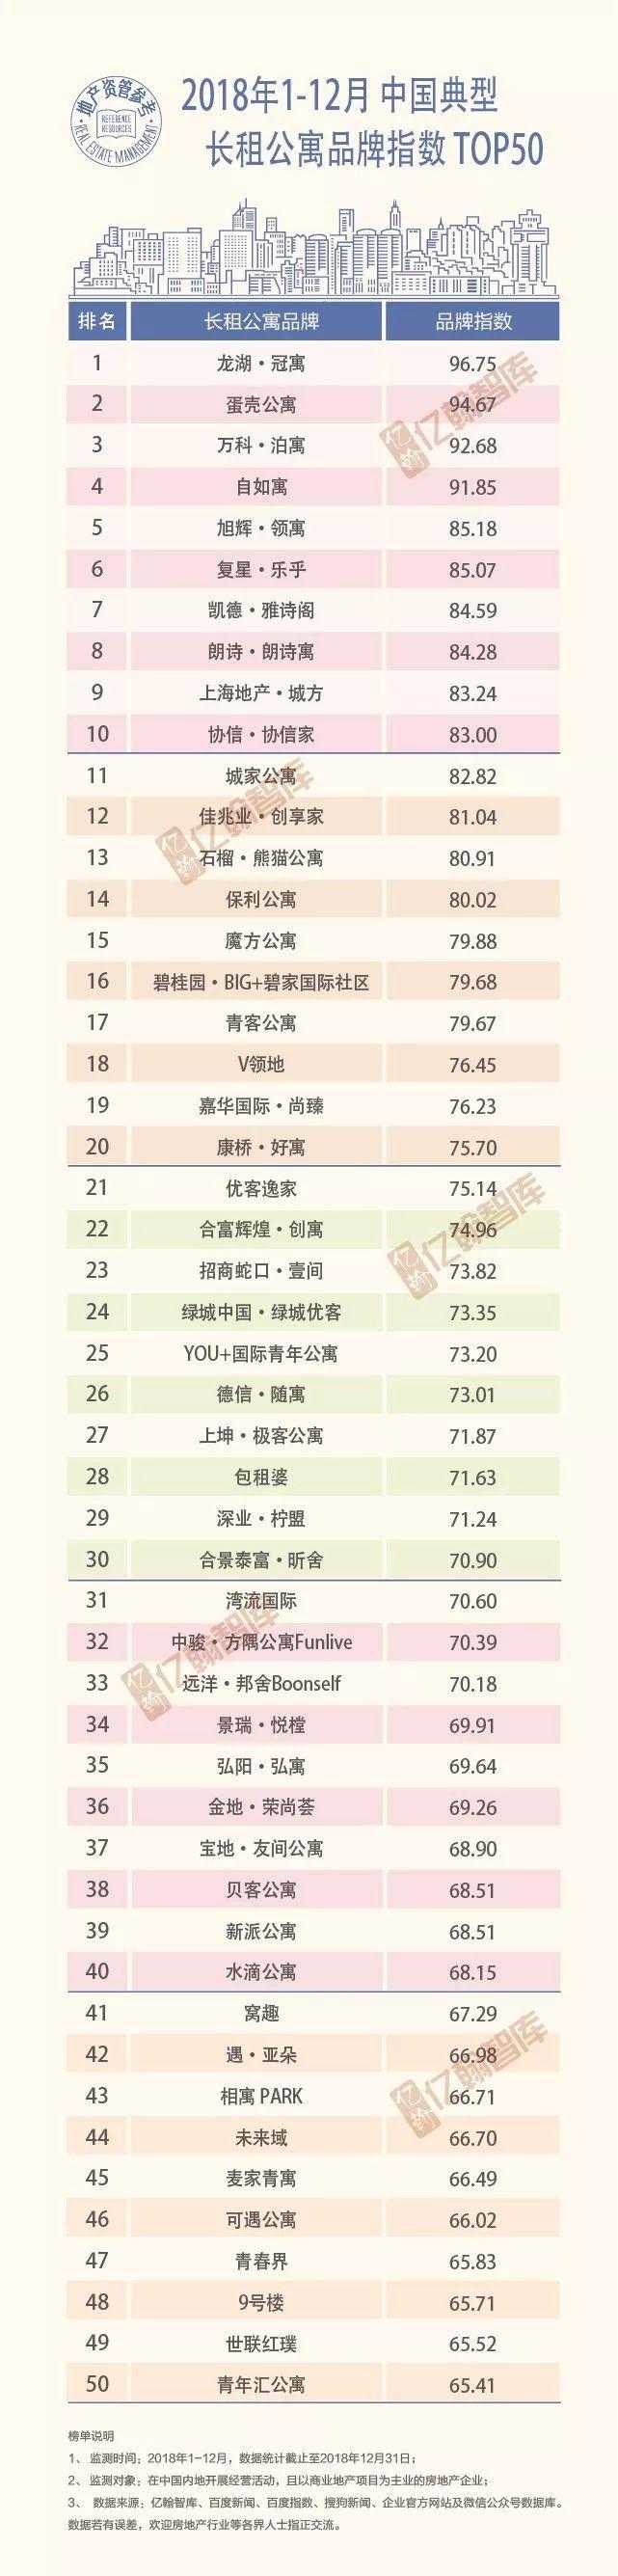 [重磅 | 2018 年1-12月中國典型長租公寓品牌指數 TOP 50] 重磅!從2018年1月22日起